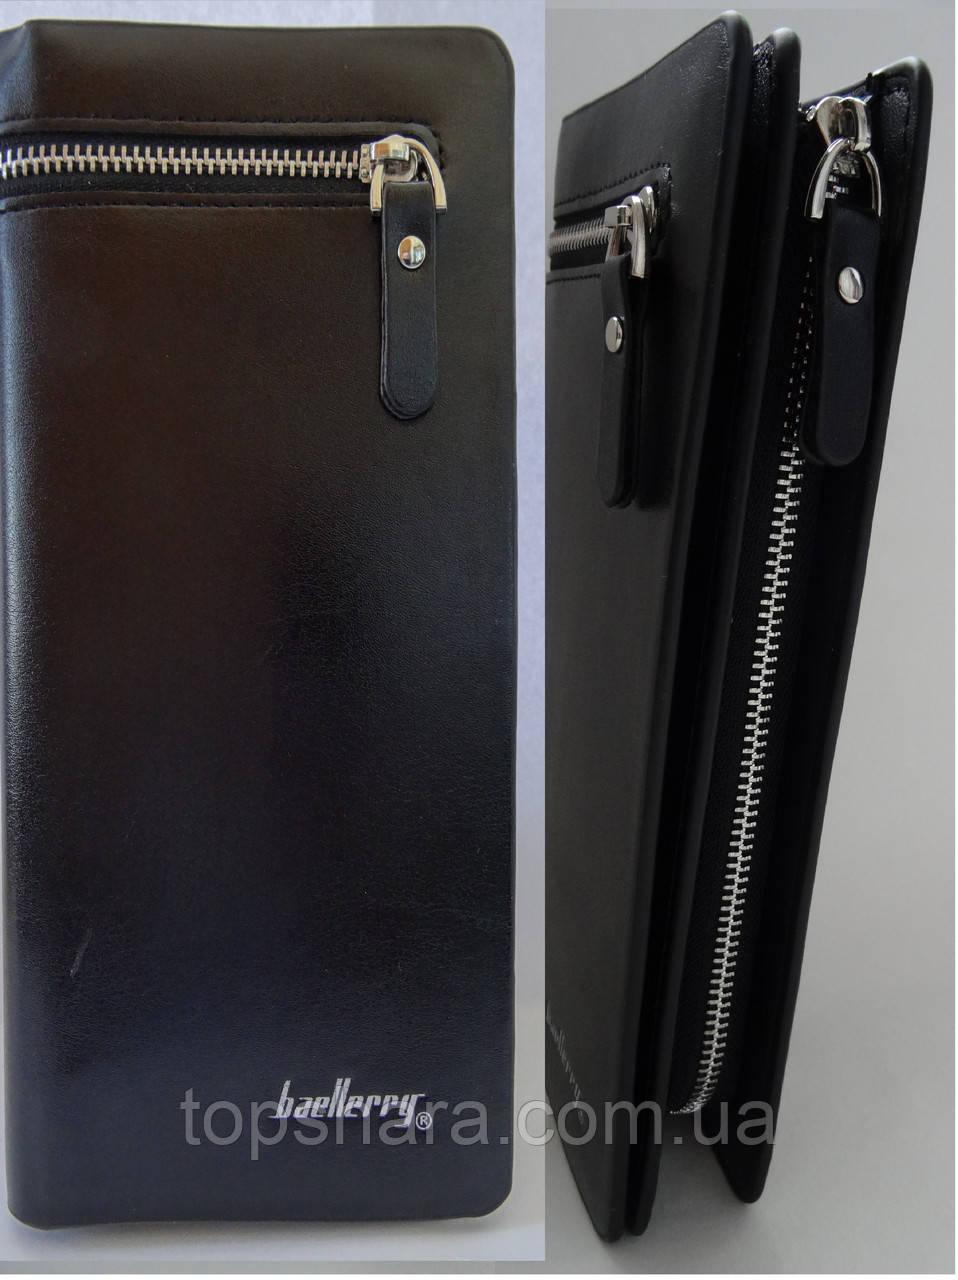 Портмоне, кошелёк, бумажник BAELLERRY